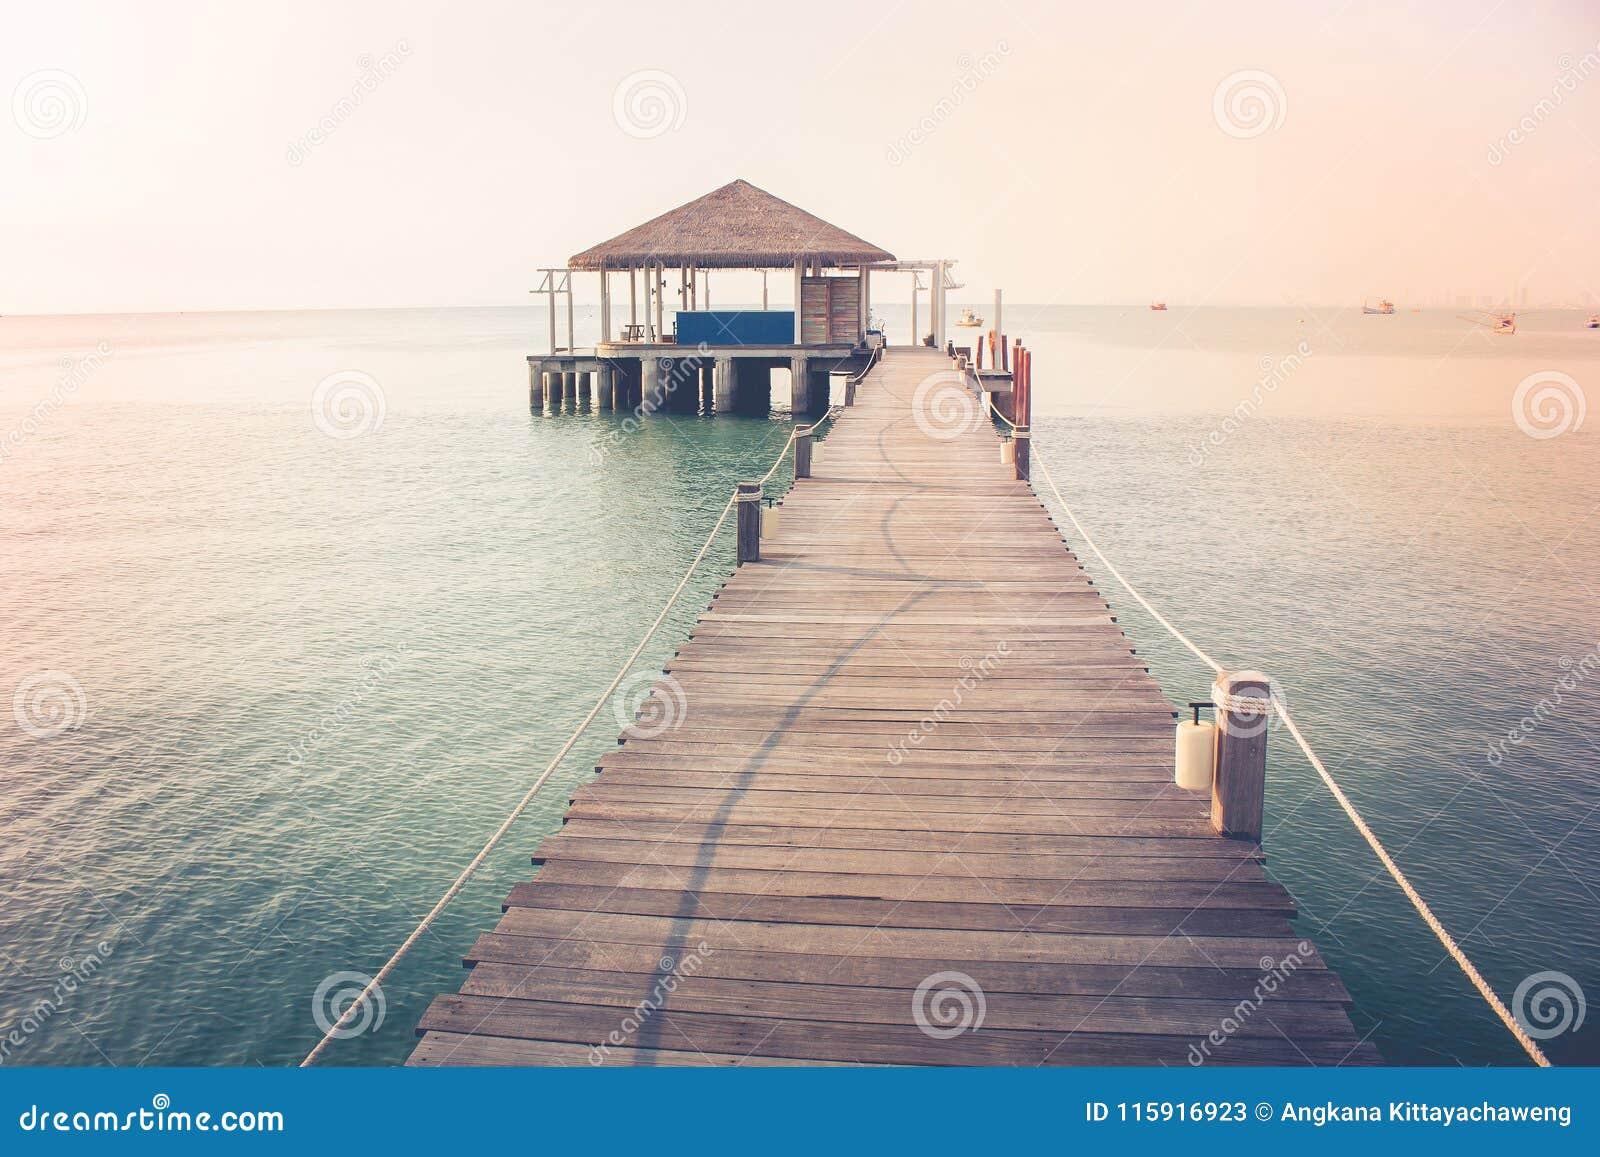 Opinión hermosa del paisaje del puente de madera largo en el mar y el pabellón